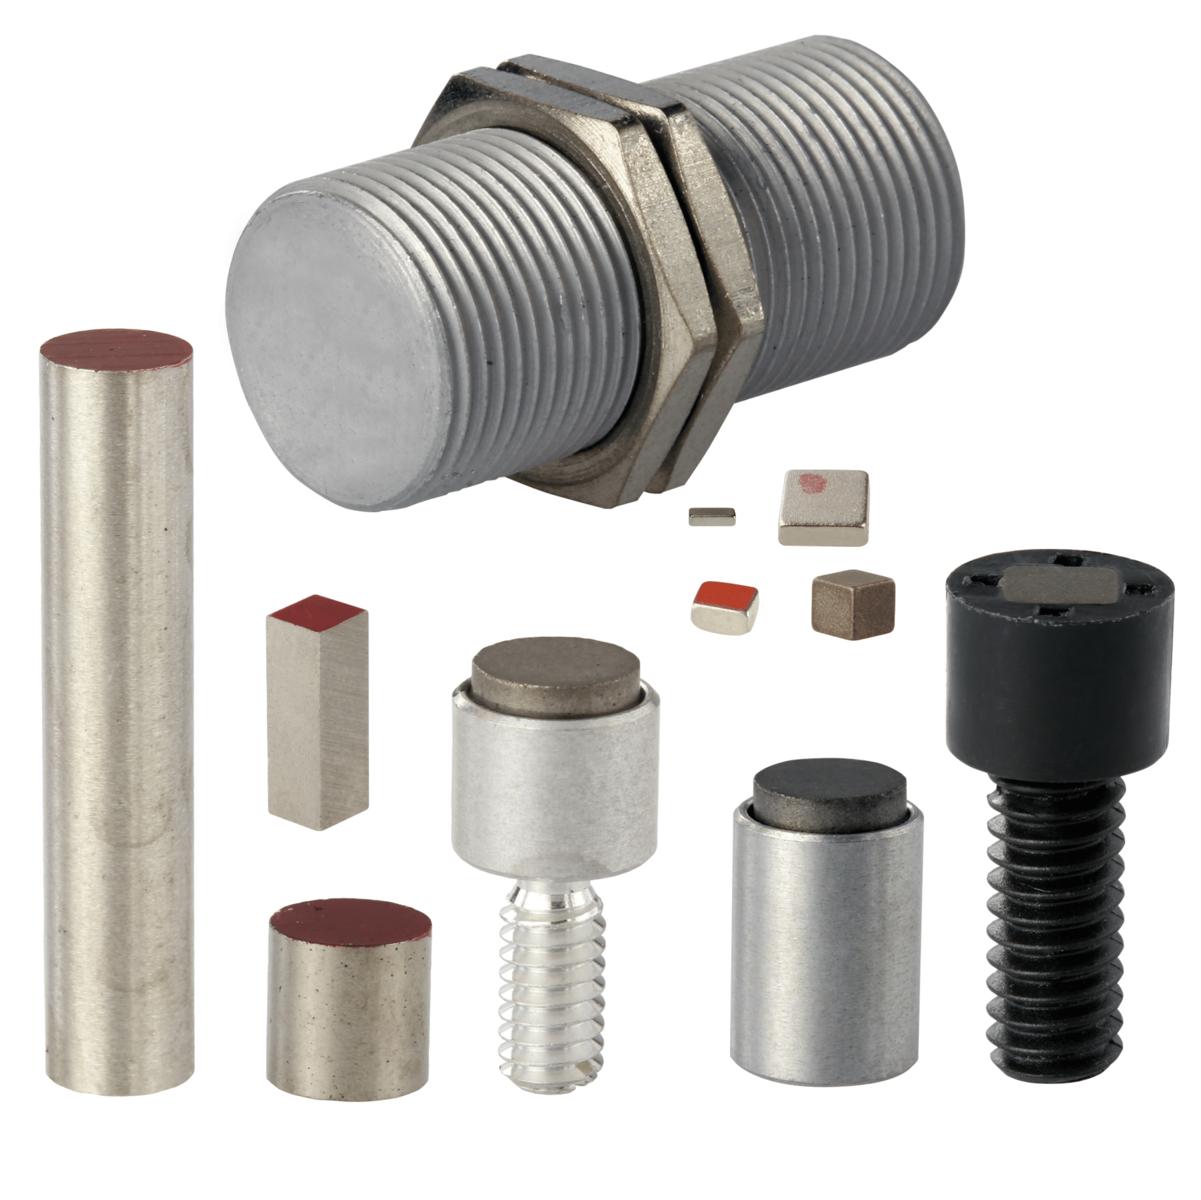 Magnetic Sensor ICs - Guide de sélection